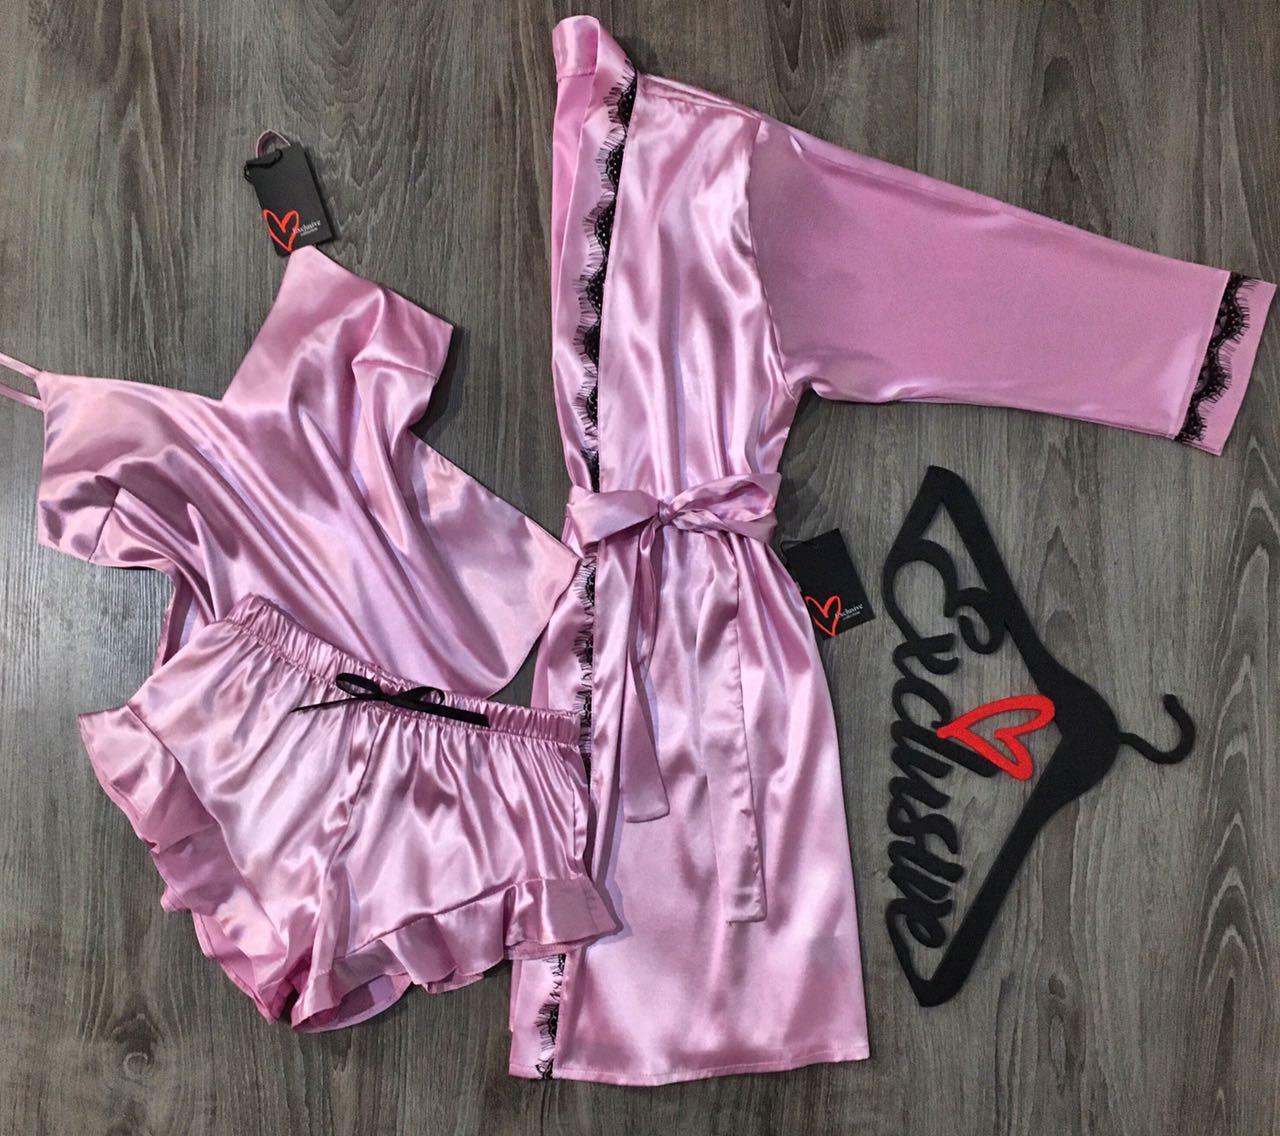 Розовая пижама с высокими шортами и халат-комплект для сна и дома.